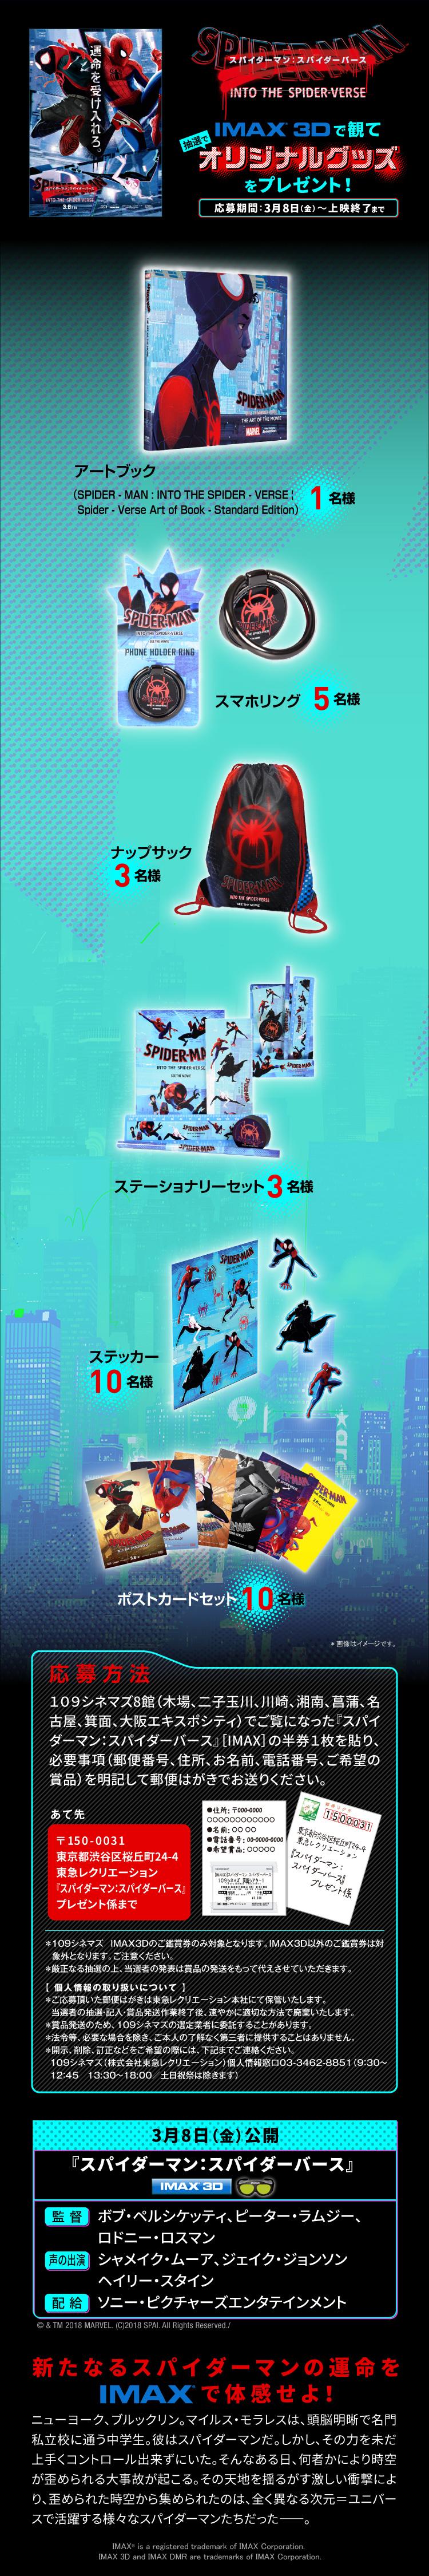 スパイダーマン:スパイダーバース プレゼントキャンペーン